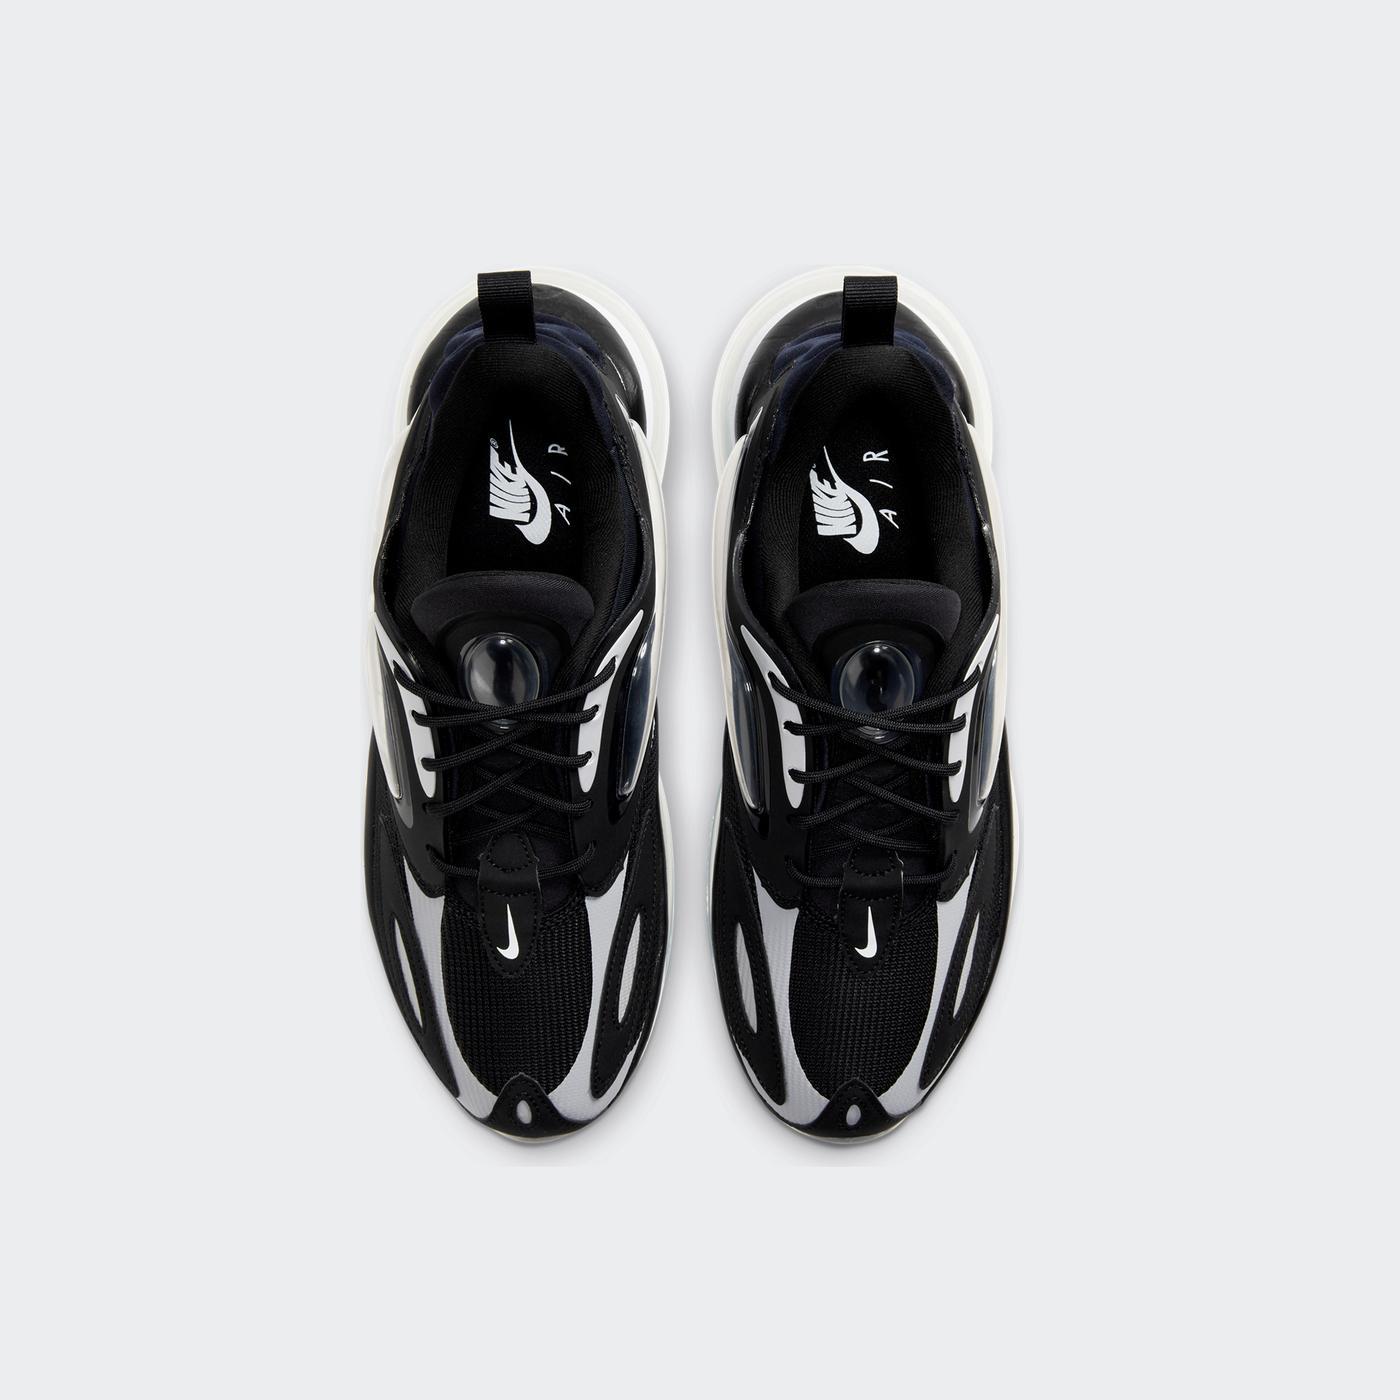 Nike Air Max Zephyr Kadın Siyah Spor Ayakkabı